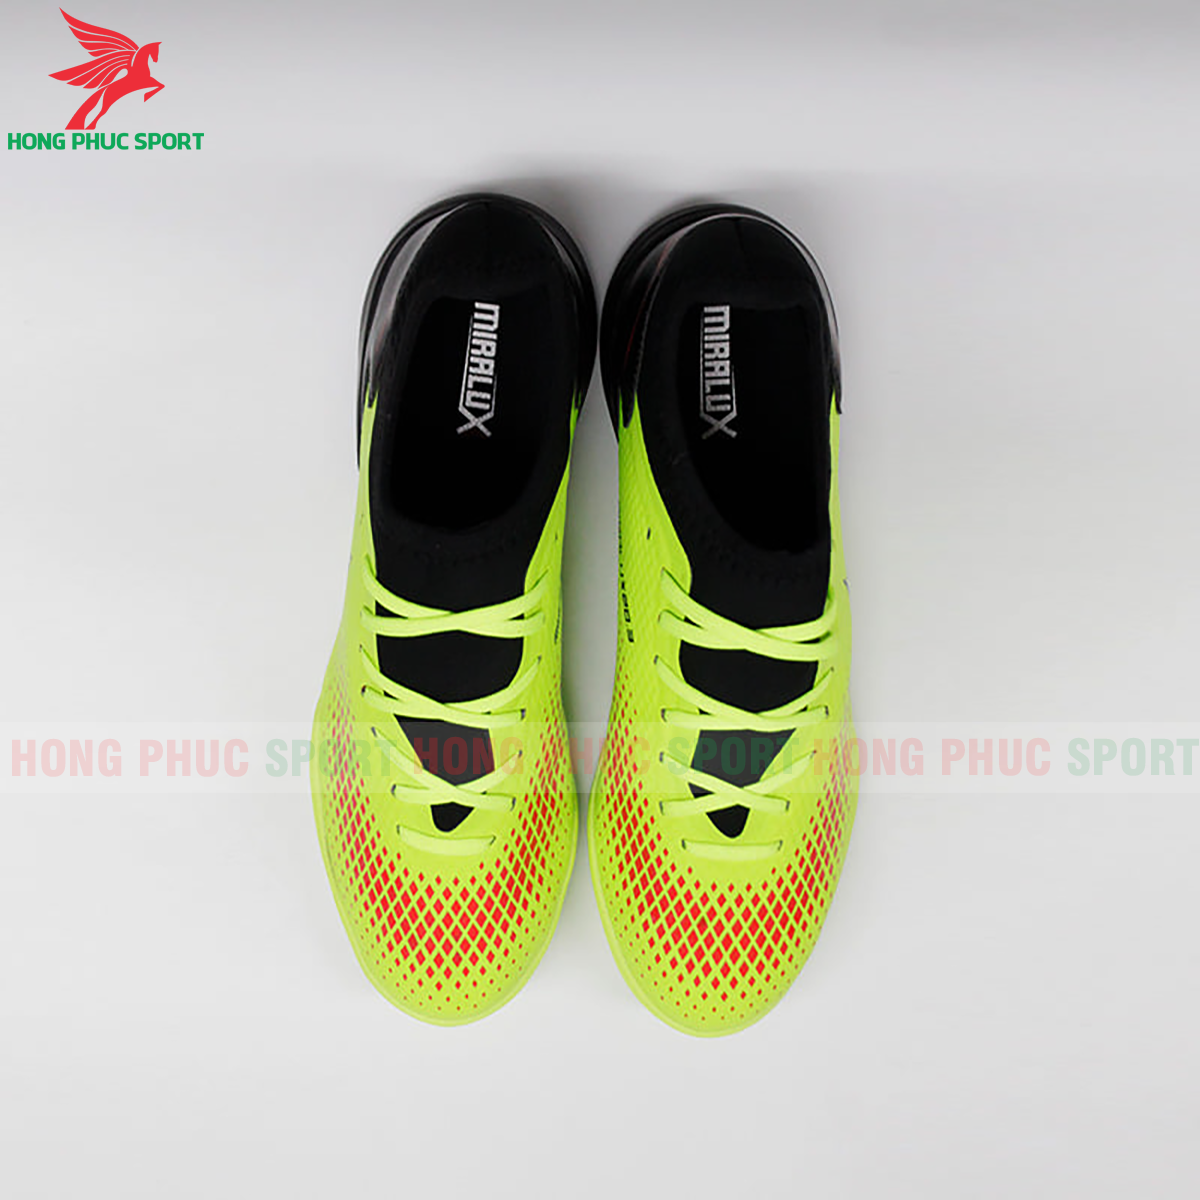 https://cdn.hongphucsport.com/unsafe/s4.shopbay.vn/files/285/giay-da-bong-mira-lux-20-3-mau-xanh-chuoi-phoi-den-2-5f740520cf40e.png